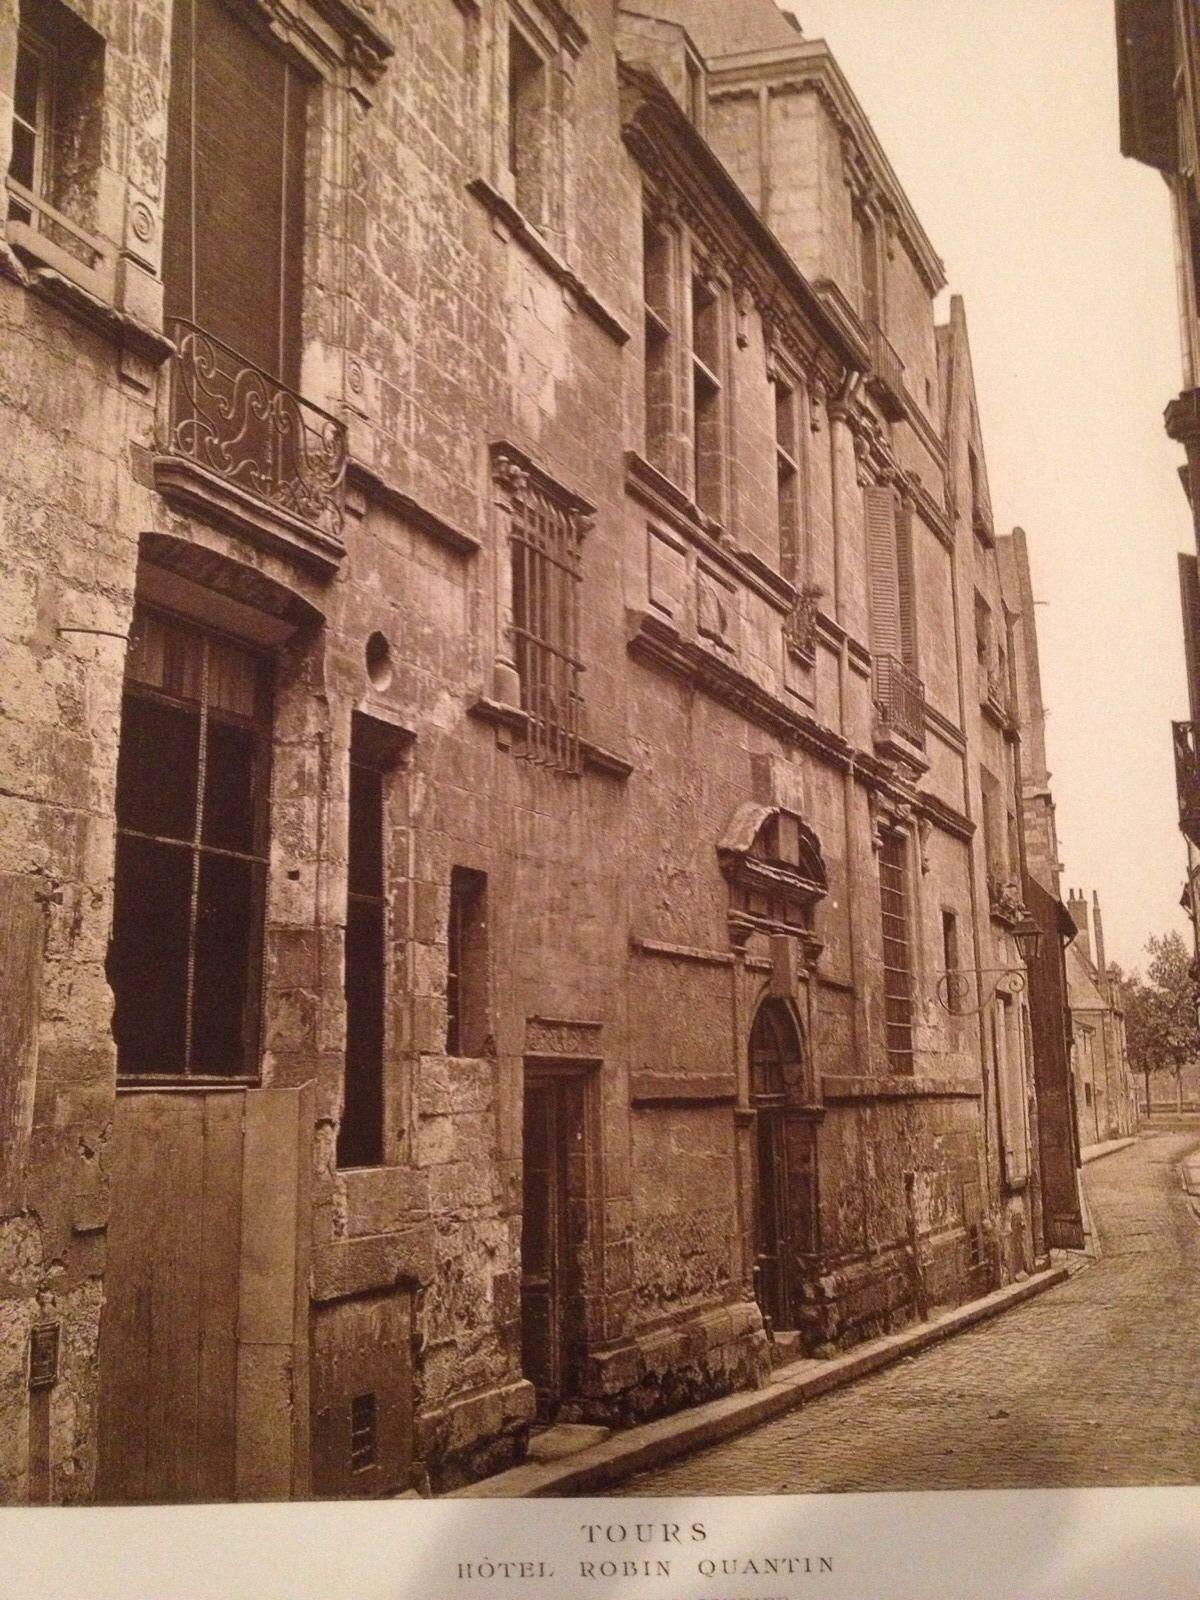 French Print Photograph Hotels & Maisons De La Renaissance Franchise Tours